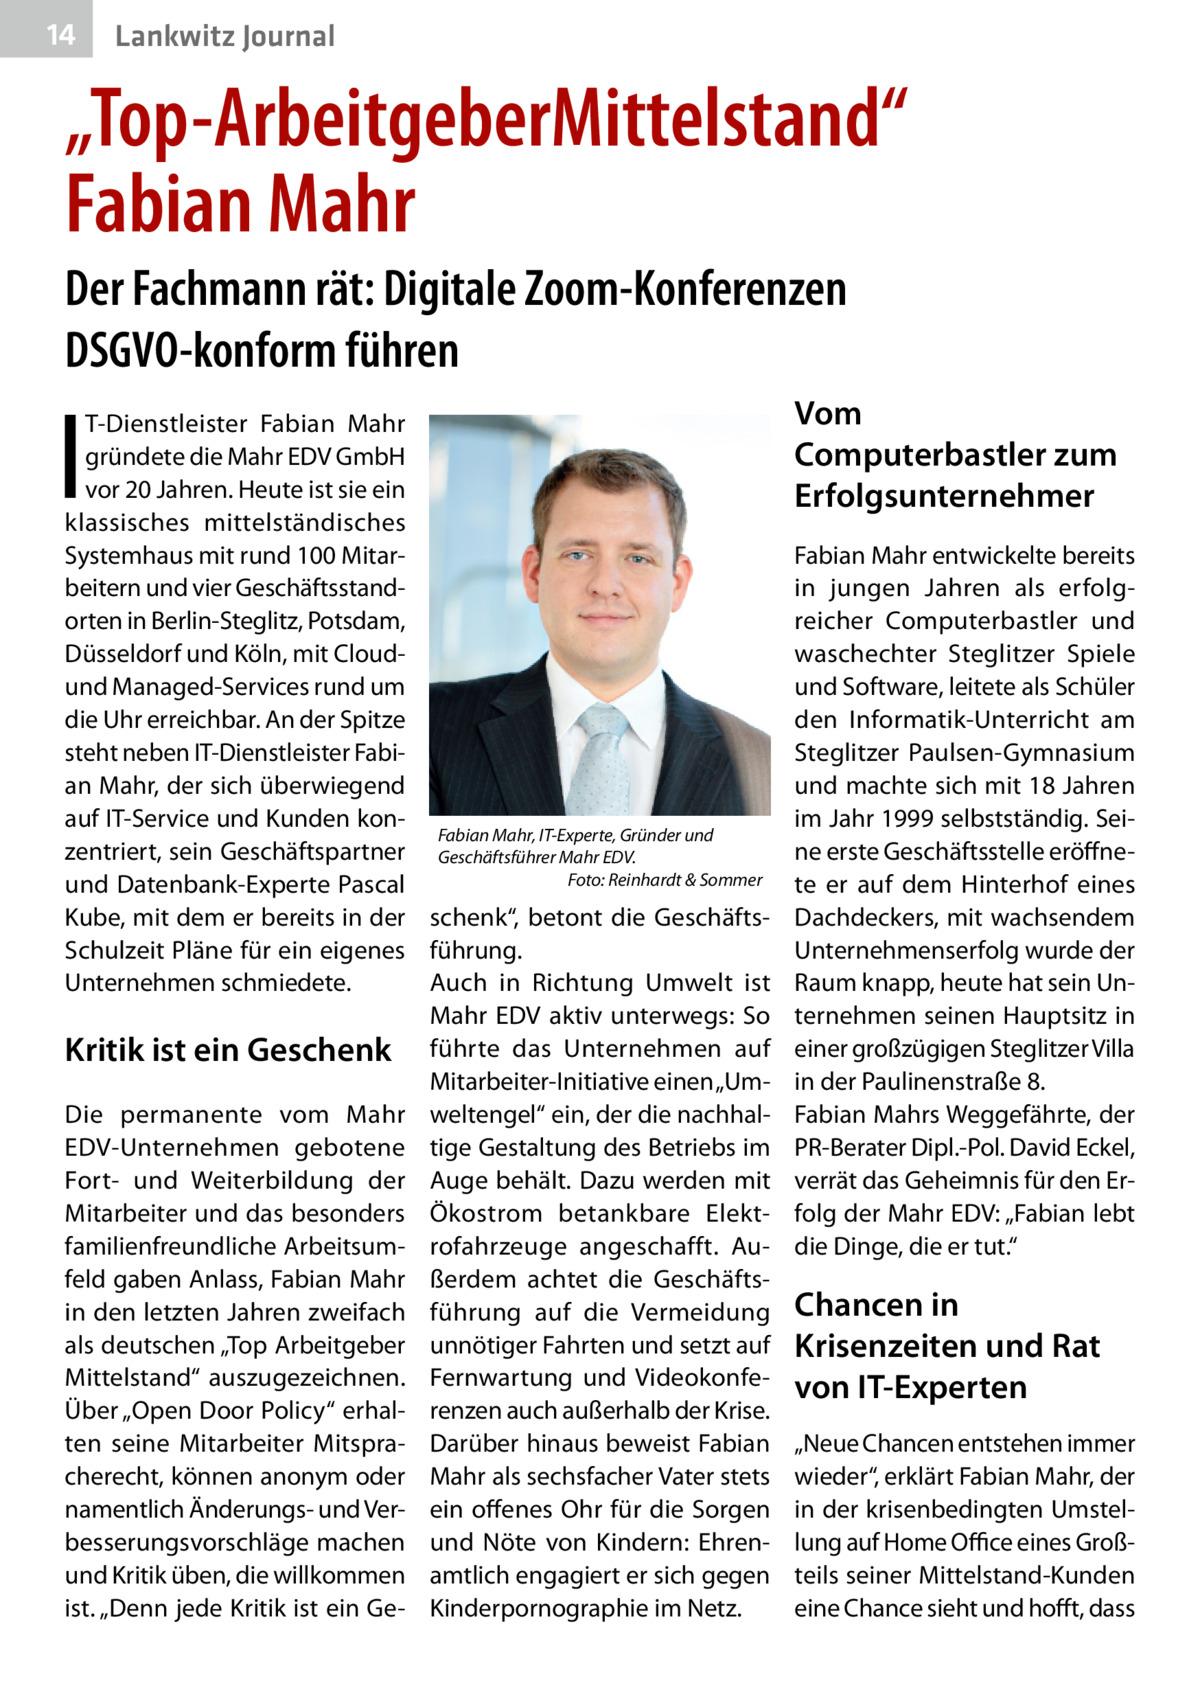 """14  Lankwitz Journal  """"Top-ArbeitgeberMittelstand"""" Fabian Mahr Der Fachmann rät: Digitale Zoom-Konferenzen DSGVO-konform führen  I  T-Dienstleister Fabian Mahr gründete die Mahr EDV GmbH vor 20Jahren. Heute ist sie ein klassisches mittelständisches Systemhaus mit rund 100 Mitarbeitern und vier Geschäftsstandorten in Berlin-Steglitz, Potsdam, Düsseldorf und Köln, mit Cloudund Managed-Services rund um die Uhr erreichbar. An der Spitze steht neben IT-Dienstleister Fabian Mahr, der sich überwiegend auf IT-Service und Kunden konFabian Mahr, IT-Experte, Gründer und zentriert, sein Geschäftspartner Geschäftsführer Mahr EDV.� Foto: Reinhardt & Sommer und Datenbank-Experte Pascal � Kube, mit dem er bereits in der schenk"""", betont die GeschäftsSchulzeit Pläne für ein eigenes führung. Unternehmen schmiedete. Auch in Richtung Umwelt ist Mahr EDV aktiv unterwegs: So Kritik ist ein Geschenk führte das Unternehmen auf Mitarbeiter-Initiative einen """"UmDie permanente vom Mahr weltengel"""" ein, der die nachhalEDV-Unternehmen gebotene tige Gestaltung des Betriebs im Fort- und Weiterbildung der Auge behält. Dazu werden mit Mitarbeiter und das besonders Ökostrom betankbare Elektfamilienfreundliche Arbeitsum- rofahrzeuge angeschafft. Aufeld gaben Anlass, Fabian Mahr ßerdem achtet die Geschäftsin den letzten Jahren zweifach führung auf die Vermeidung als deutschen """"Top Arbeitgeber unnötiger Fahrten und setzt auf Mittelstand"""" auszugezeichnen. Fernwartung und VideokonfeÜber """"Open Door Policy"""" erhal- renzen auch außerhalb der Krise. ten seine Mitarbeiter Mitspra- Darüber hinaus beweist Fabian cherecht, können anonym oder Mahr als sechsfacher Vater stets namentlich Änderungs- und Ver- ein offenes Ohr für die Sorgen besserungsvorschläge machen und Nöte von Kindern: Ehrenund Kritik üben, die willkommen amtlich engagiert er sich gegen ist. """"Denn jede Kritik ist ein Ge- Kinderpornographie im Netz.  Vom Computerbastler zum Erfolgsunternehmer Fabian Mahr entwickelte bereits in jungen Jahren als erfolgr"""